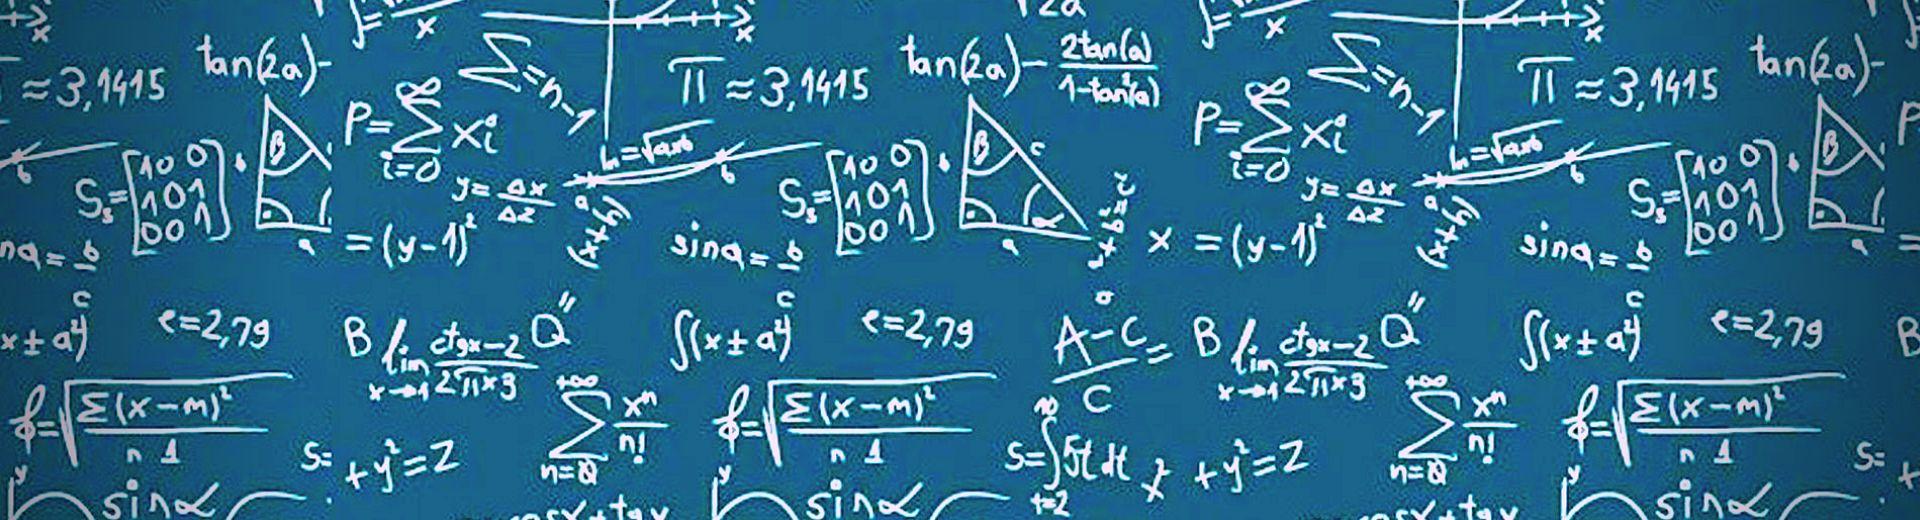 Портал КФУ \ Образование \ Институт математики и механики им. Н.И. Лобачевского \ Структура \ Отделение математики \ Кафедра общей математики